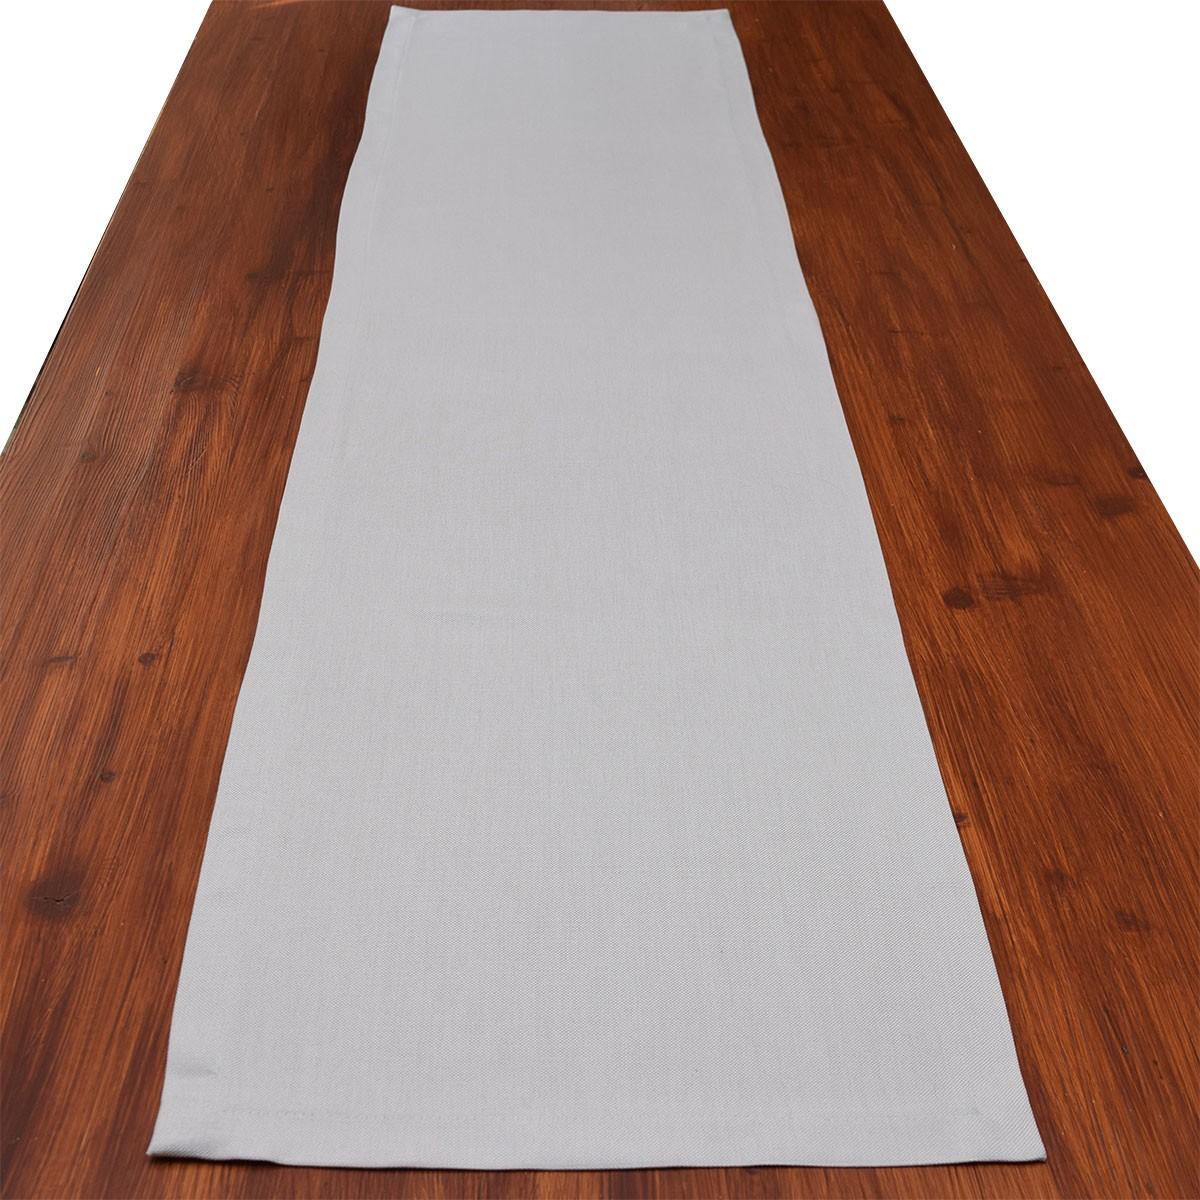 Tischläufer Seaside grau uni auf dem Tisch